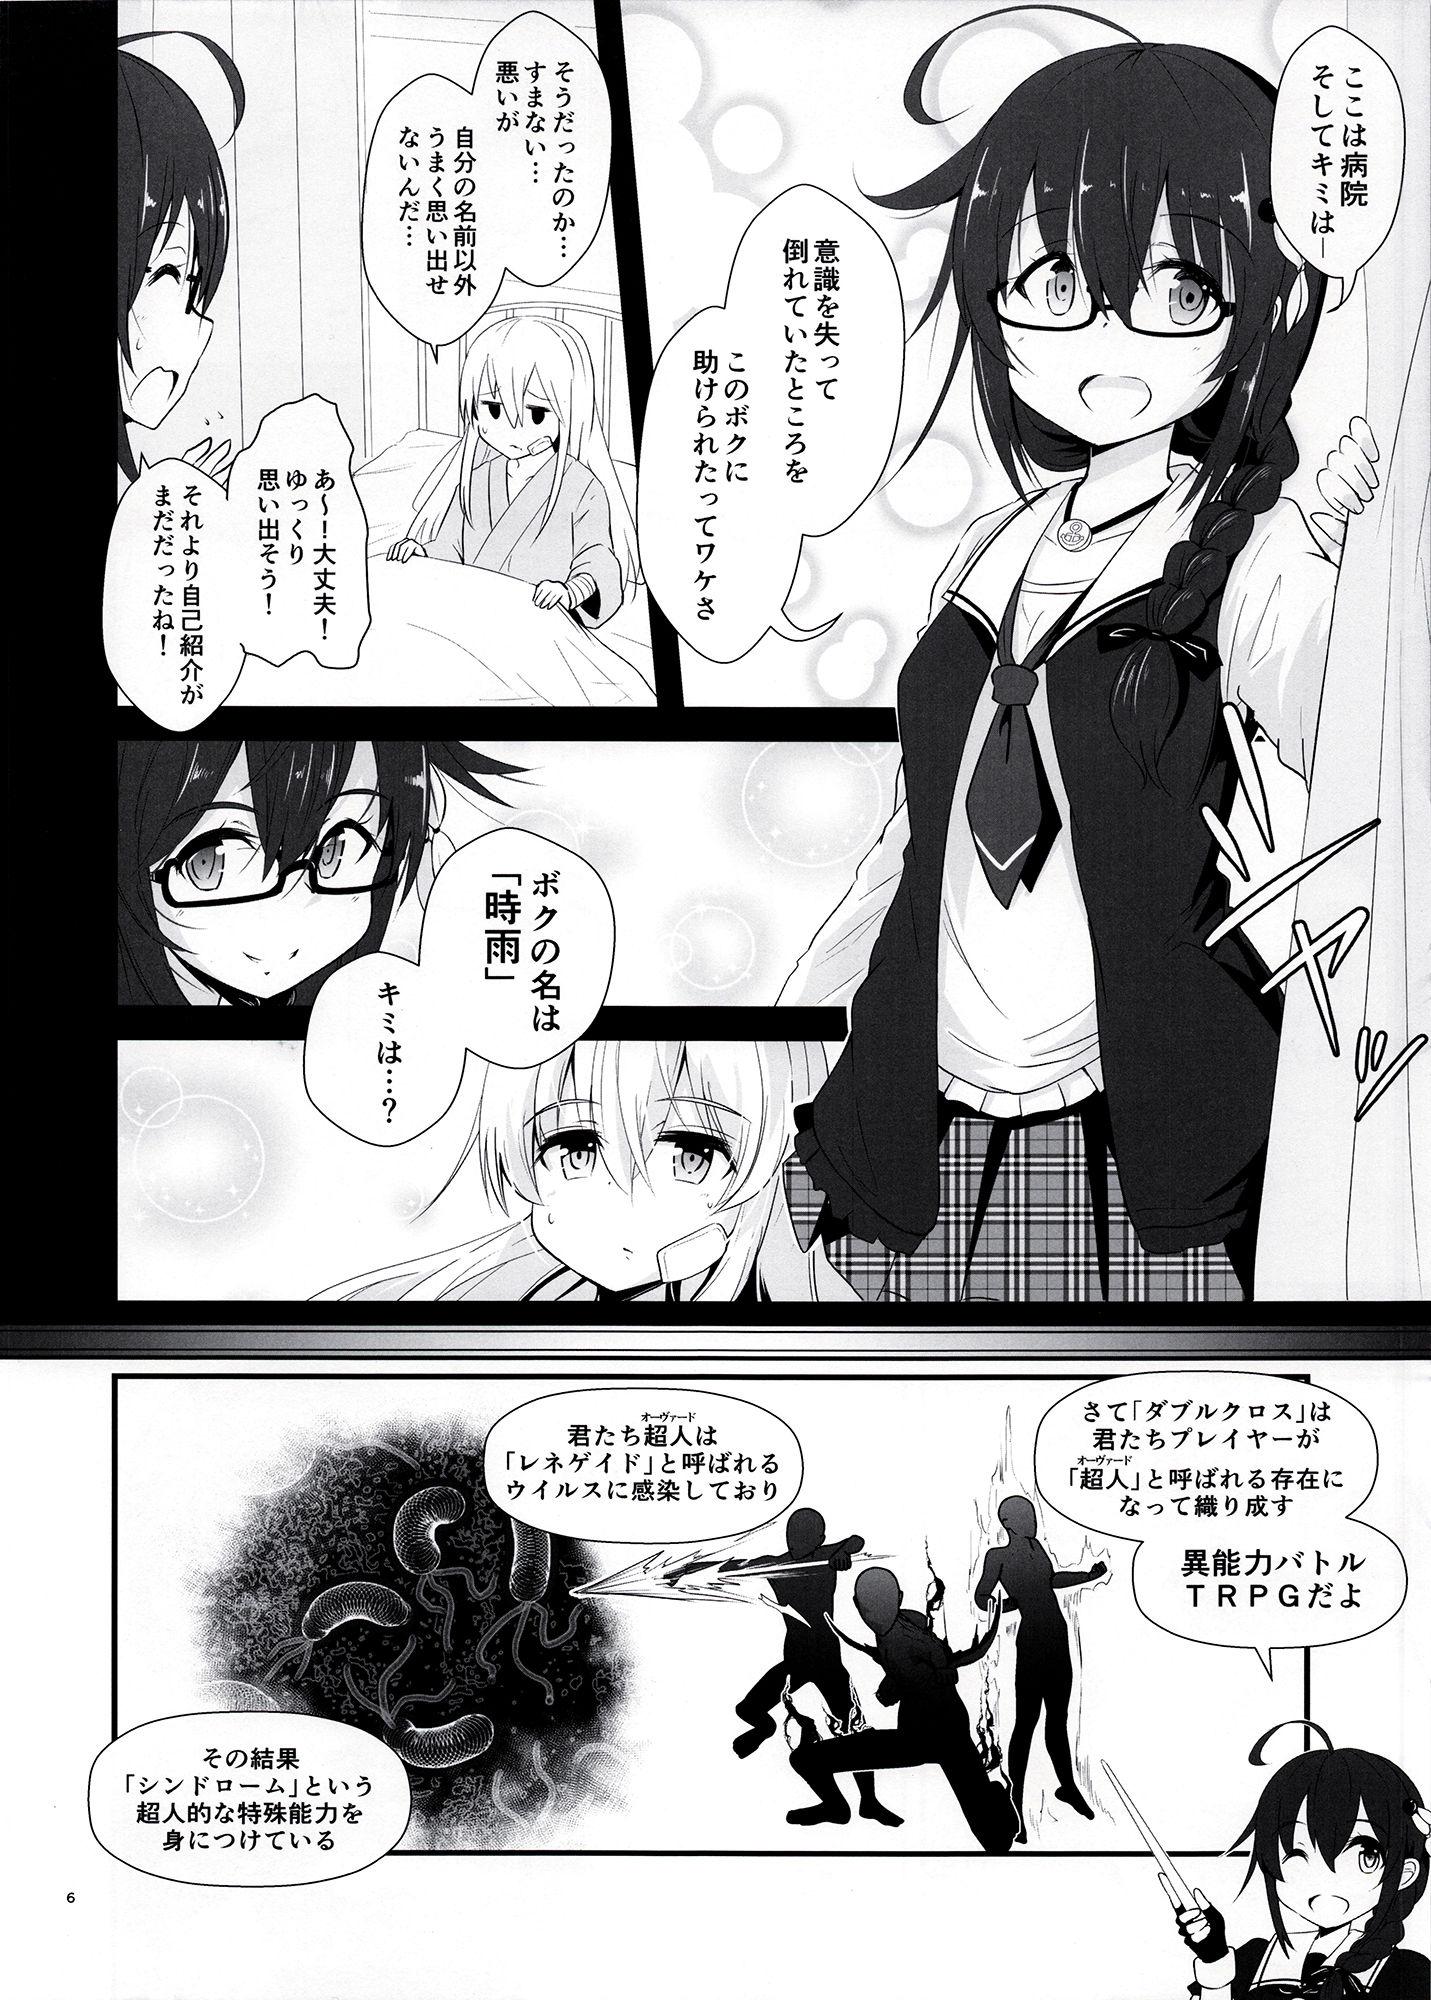 【響 同人】ゲームマスター響~ダブルクロス編~